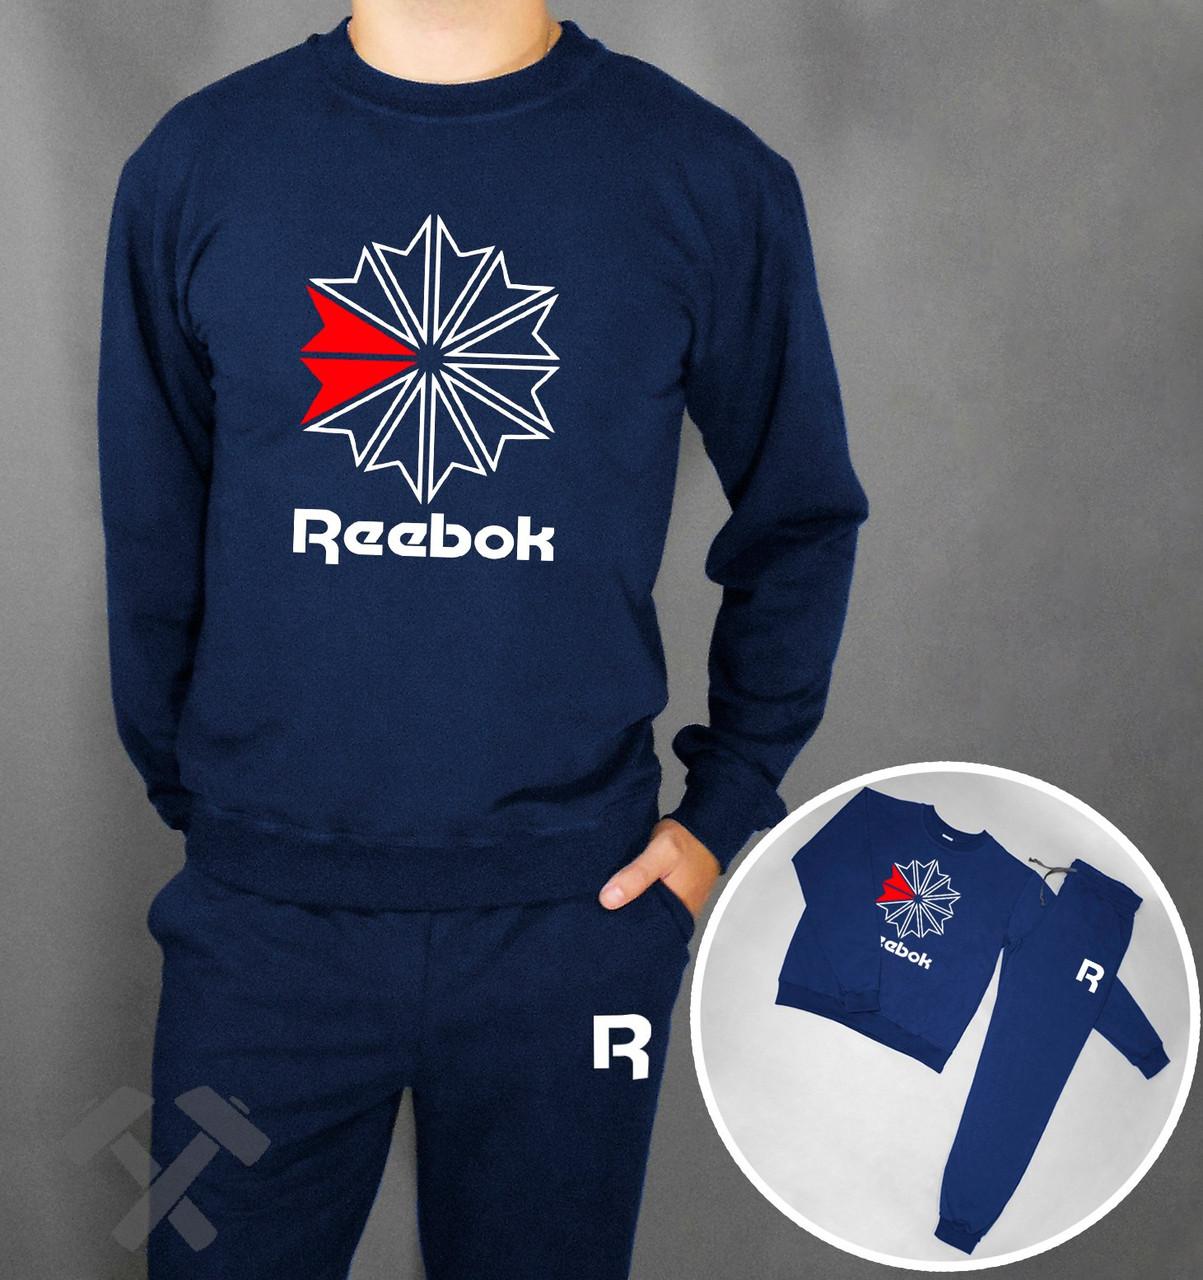 Мужской спортивный костюм Reebok синего цвета с бело-красным логотипом на груди